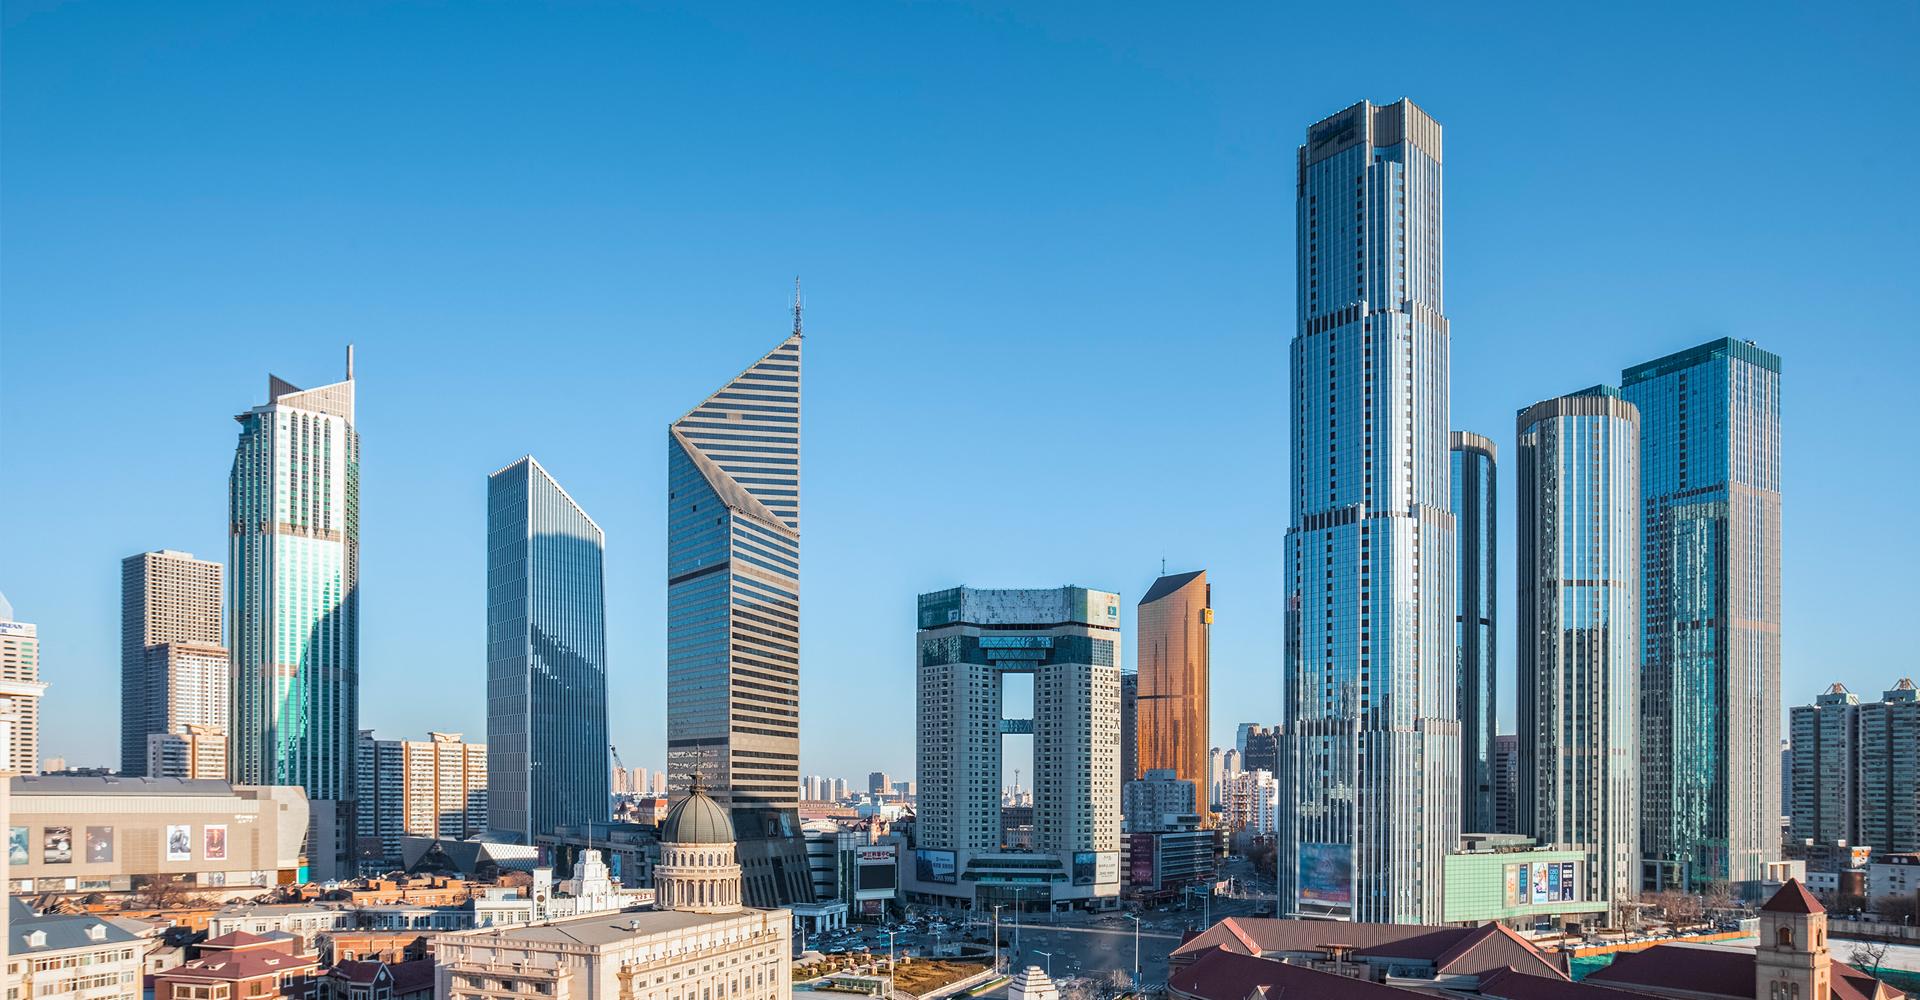 唐山瑞丰建业集团有限公司